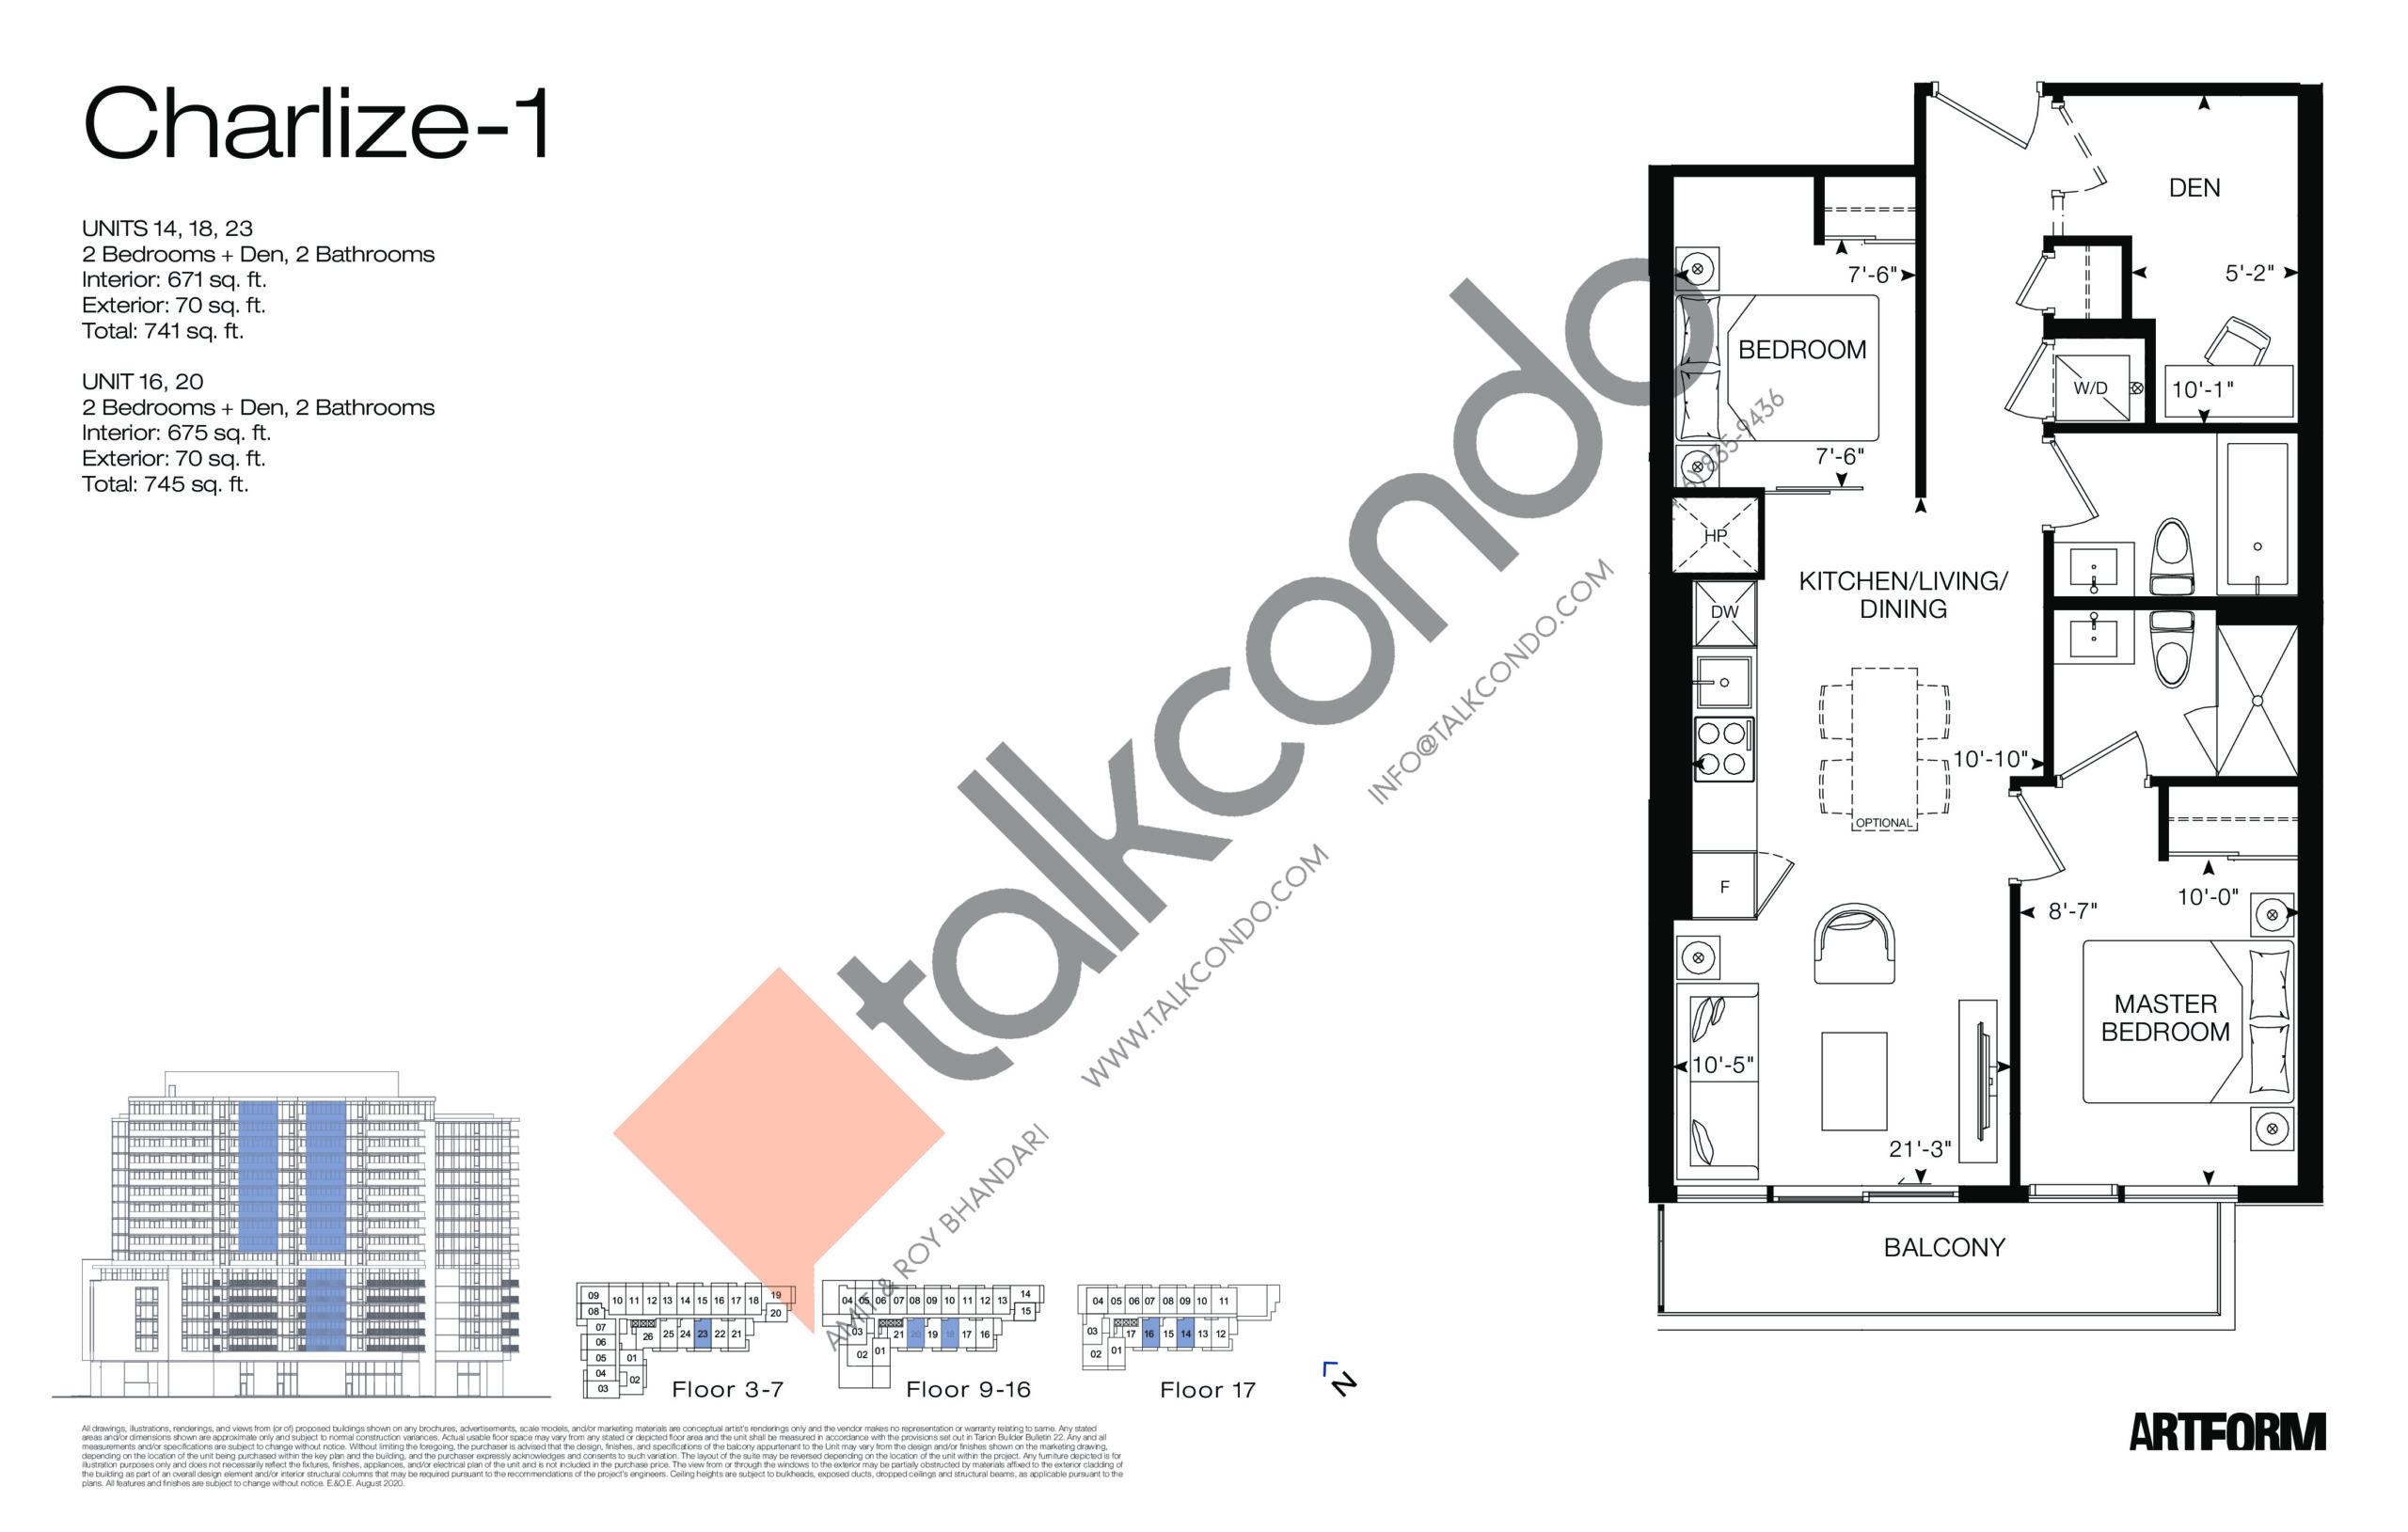 Charlize-1 Floor Plan at Artform Condos - 675 sq.ft